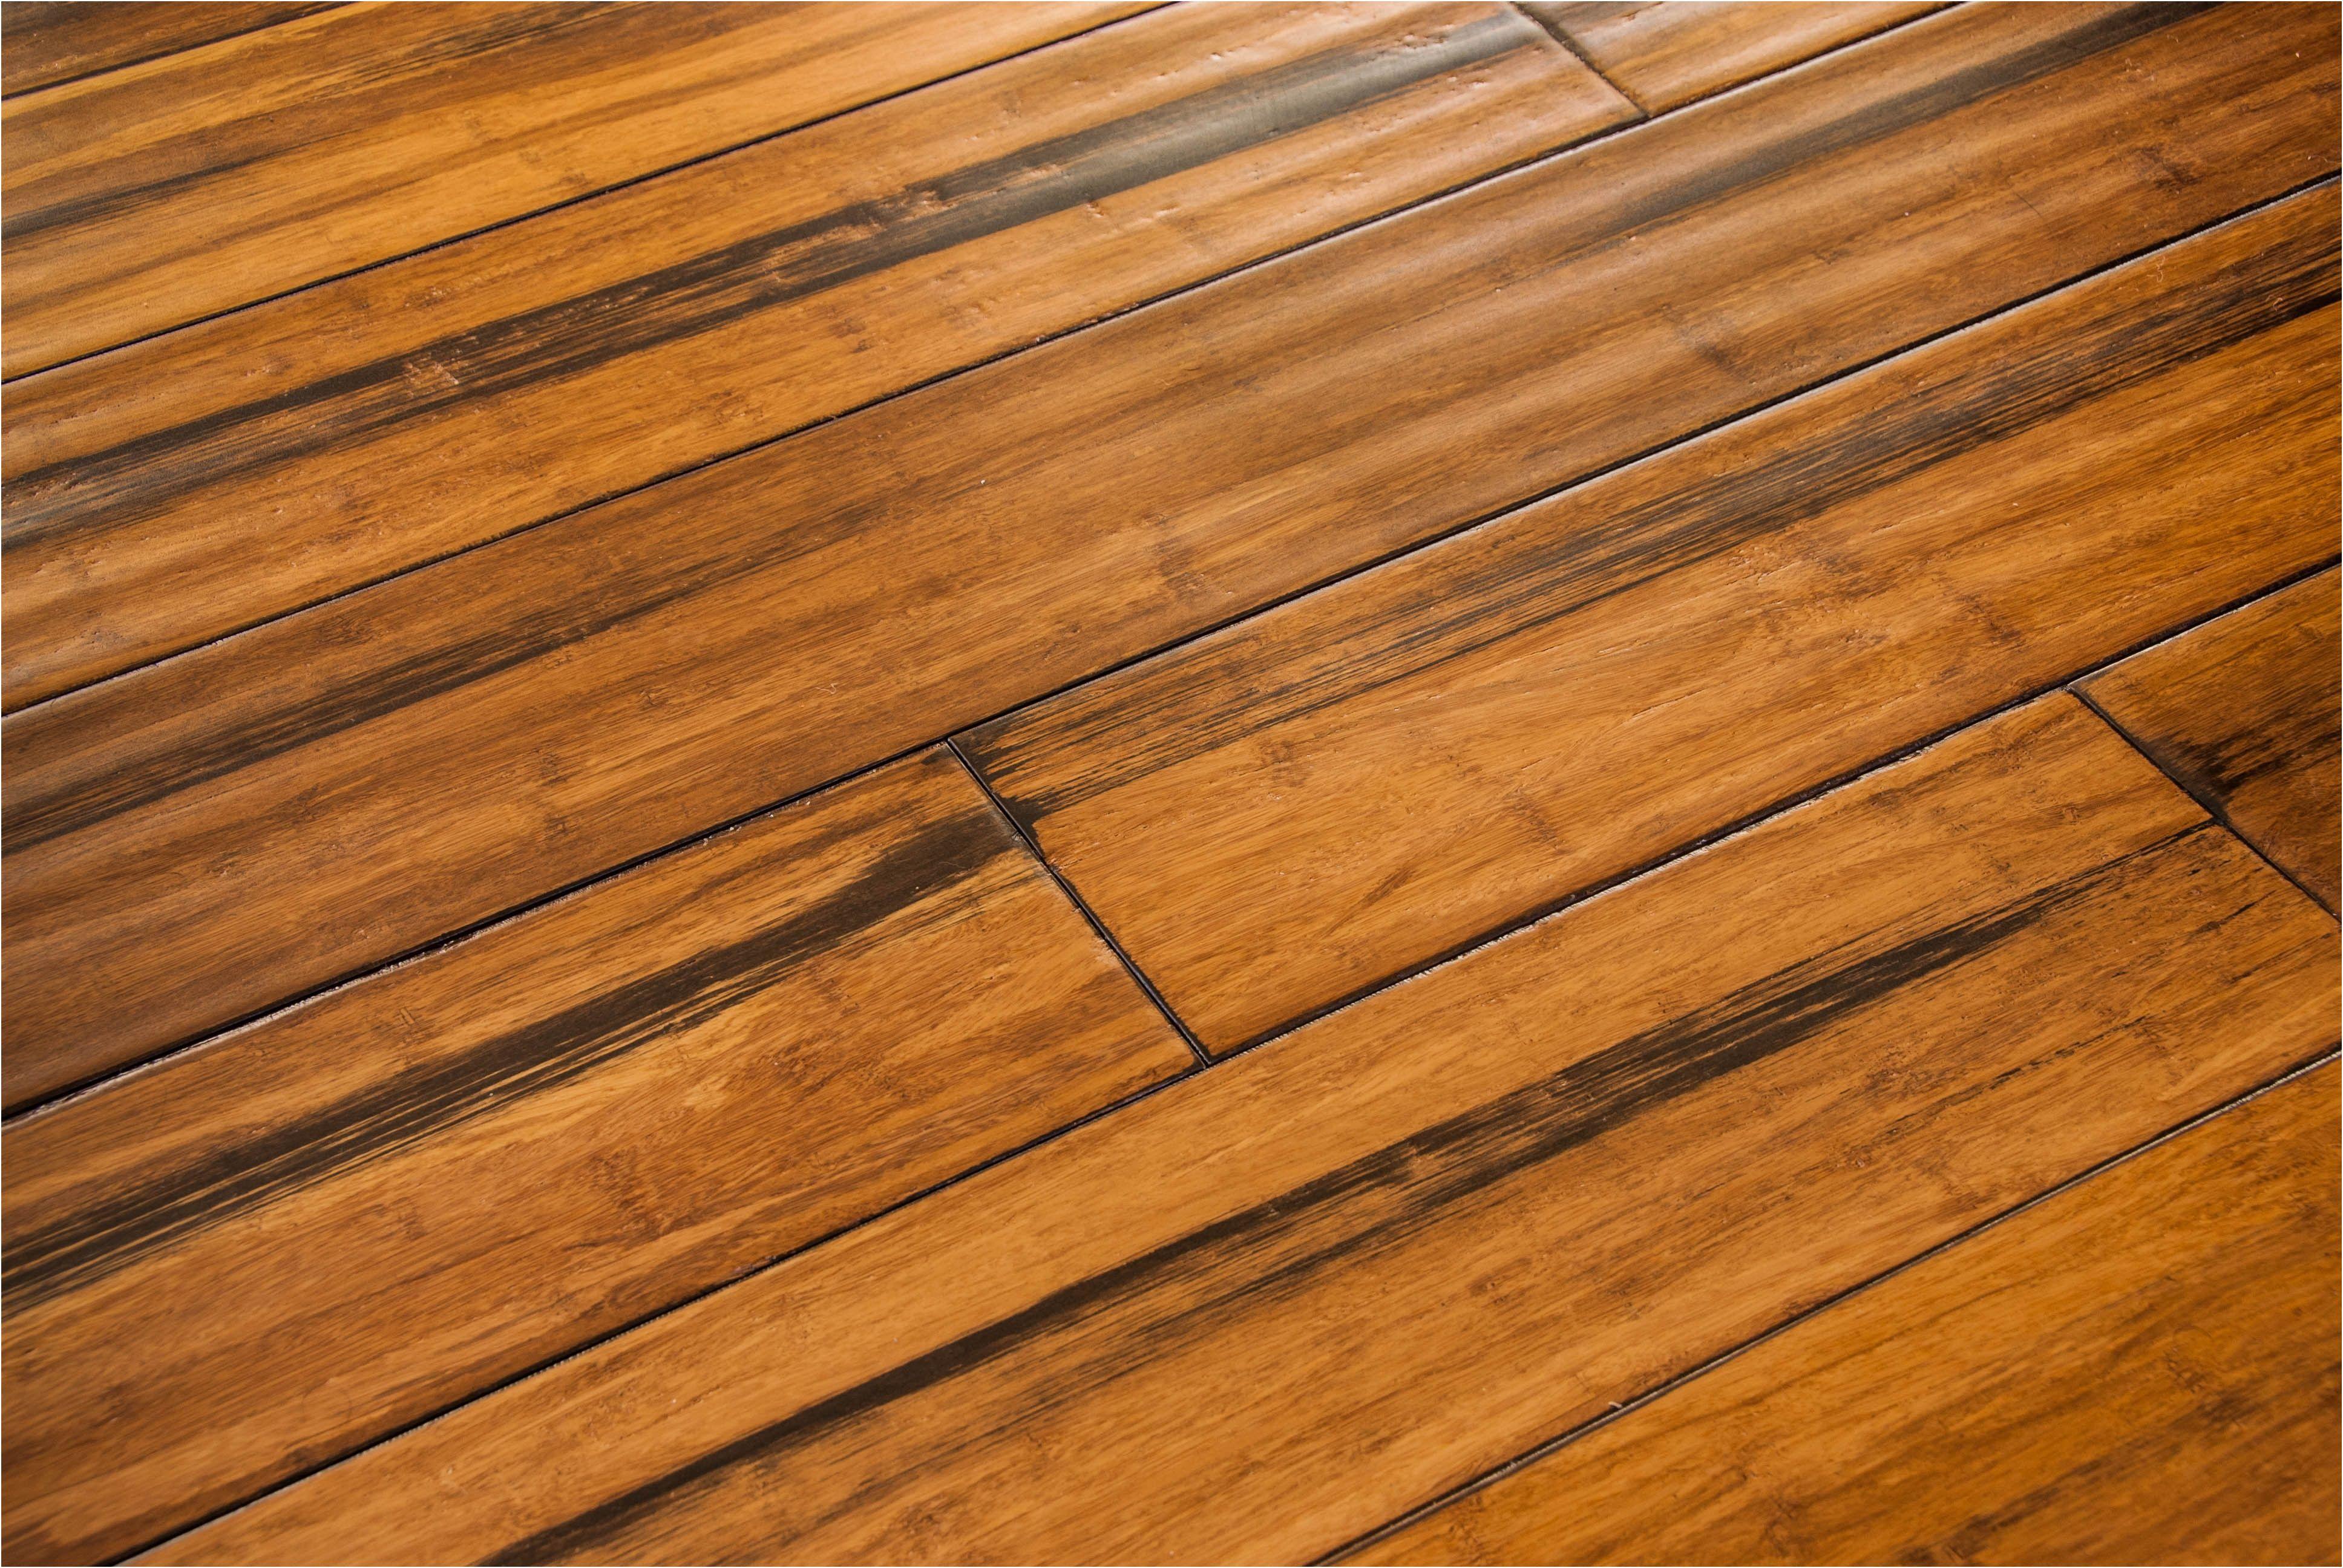 Image result for bamboo wood backsplash Bamboo hardwood